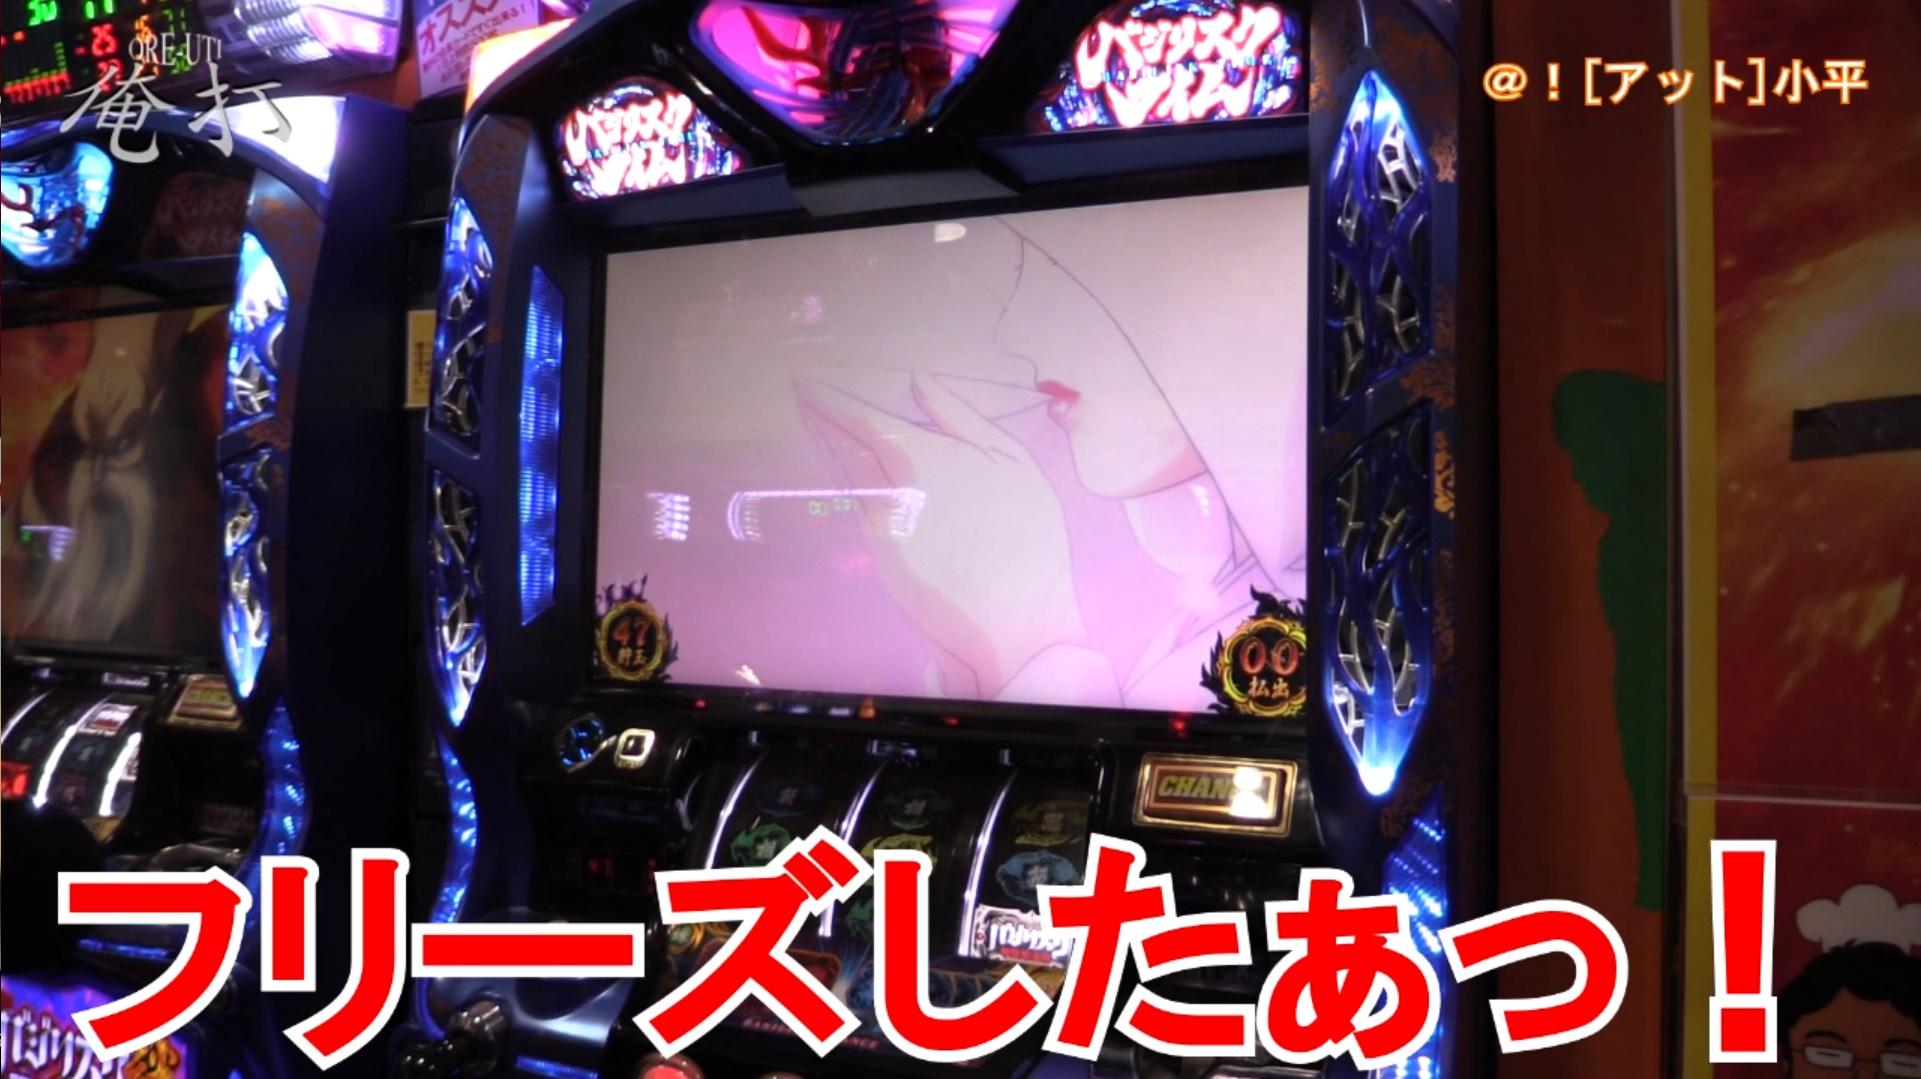 【#32】司芭扶が「俺打」中にバジ絆でフリーズを引いた結果【SEVEN'S TV】